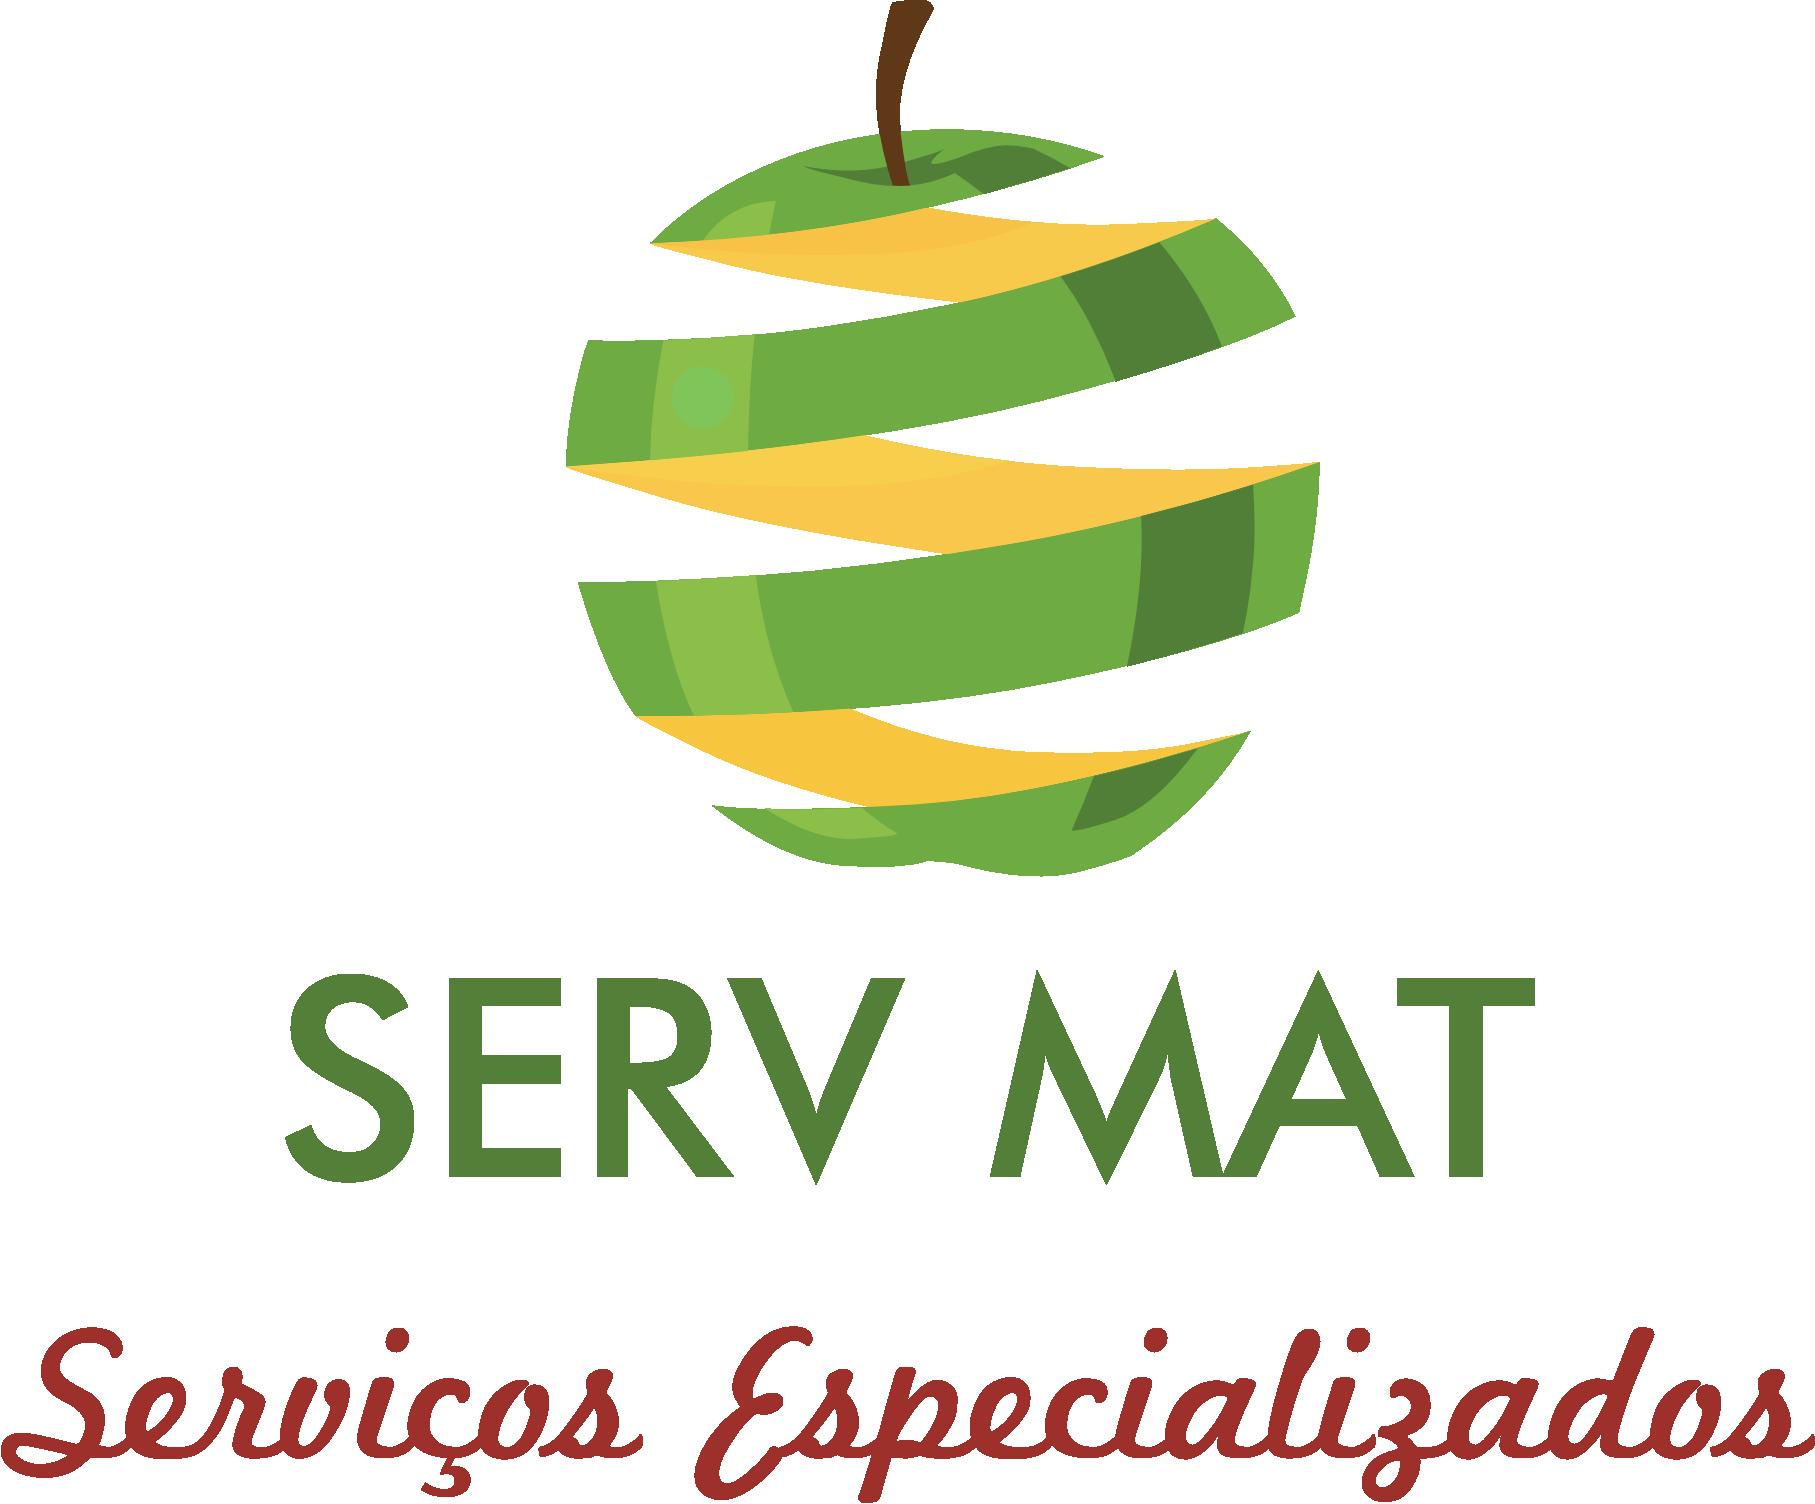 Serv Mat